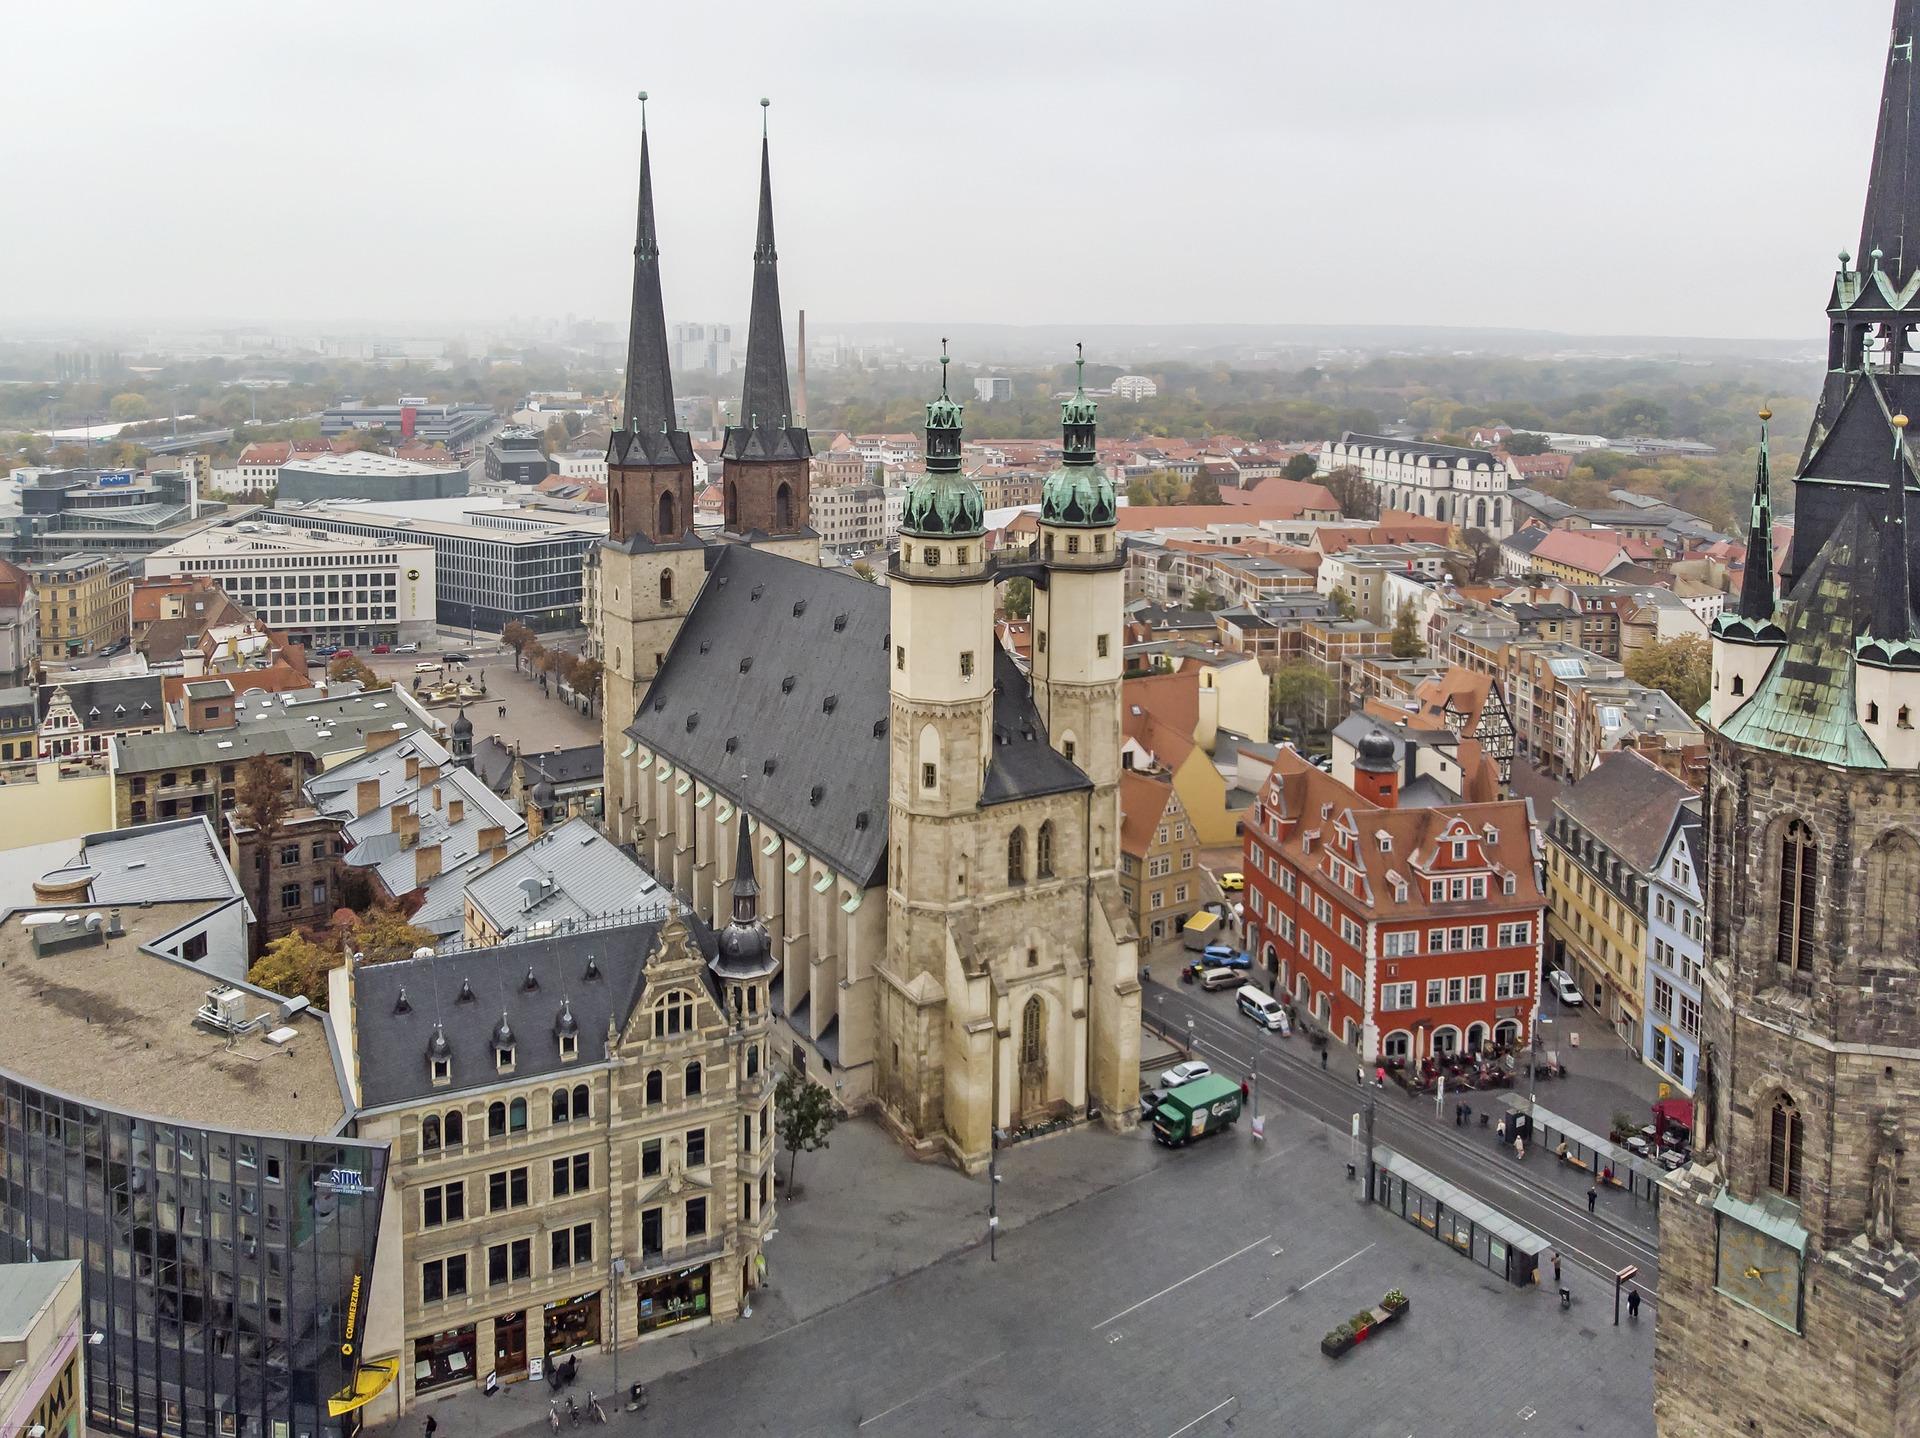 Die Marktkirche (li) mit Stadtschlösschen (rot, Mitte) und Rotem Turm (rechts), Marktplatz in Halle (Saale).